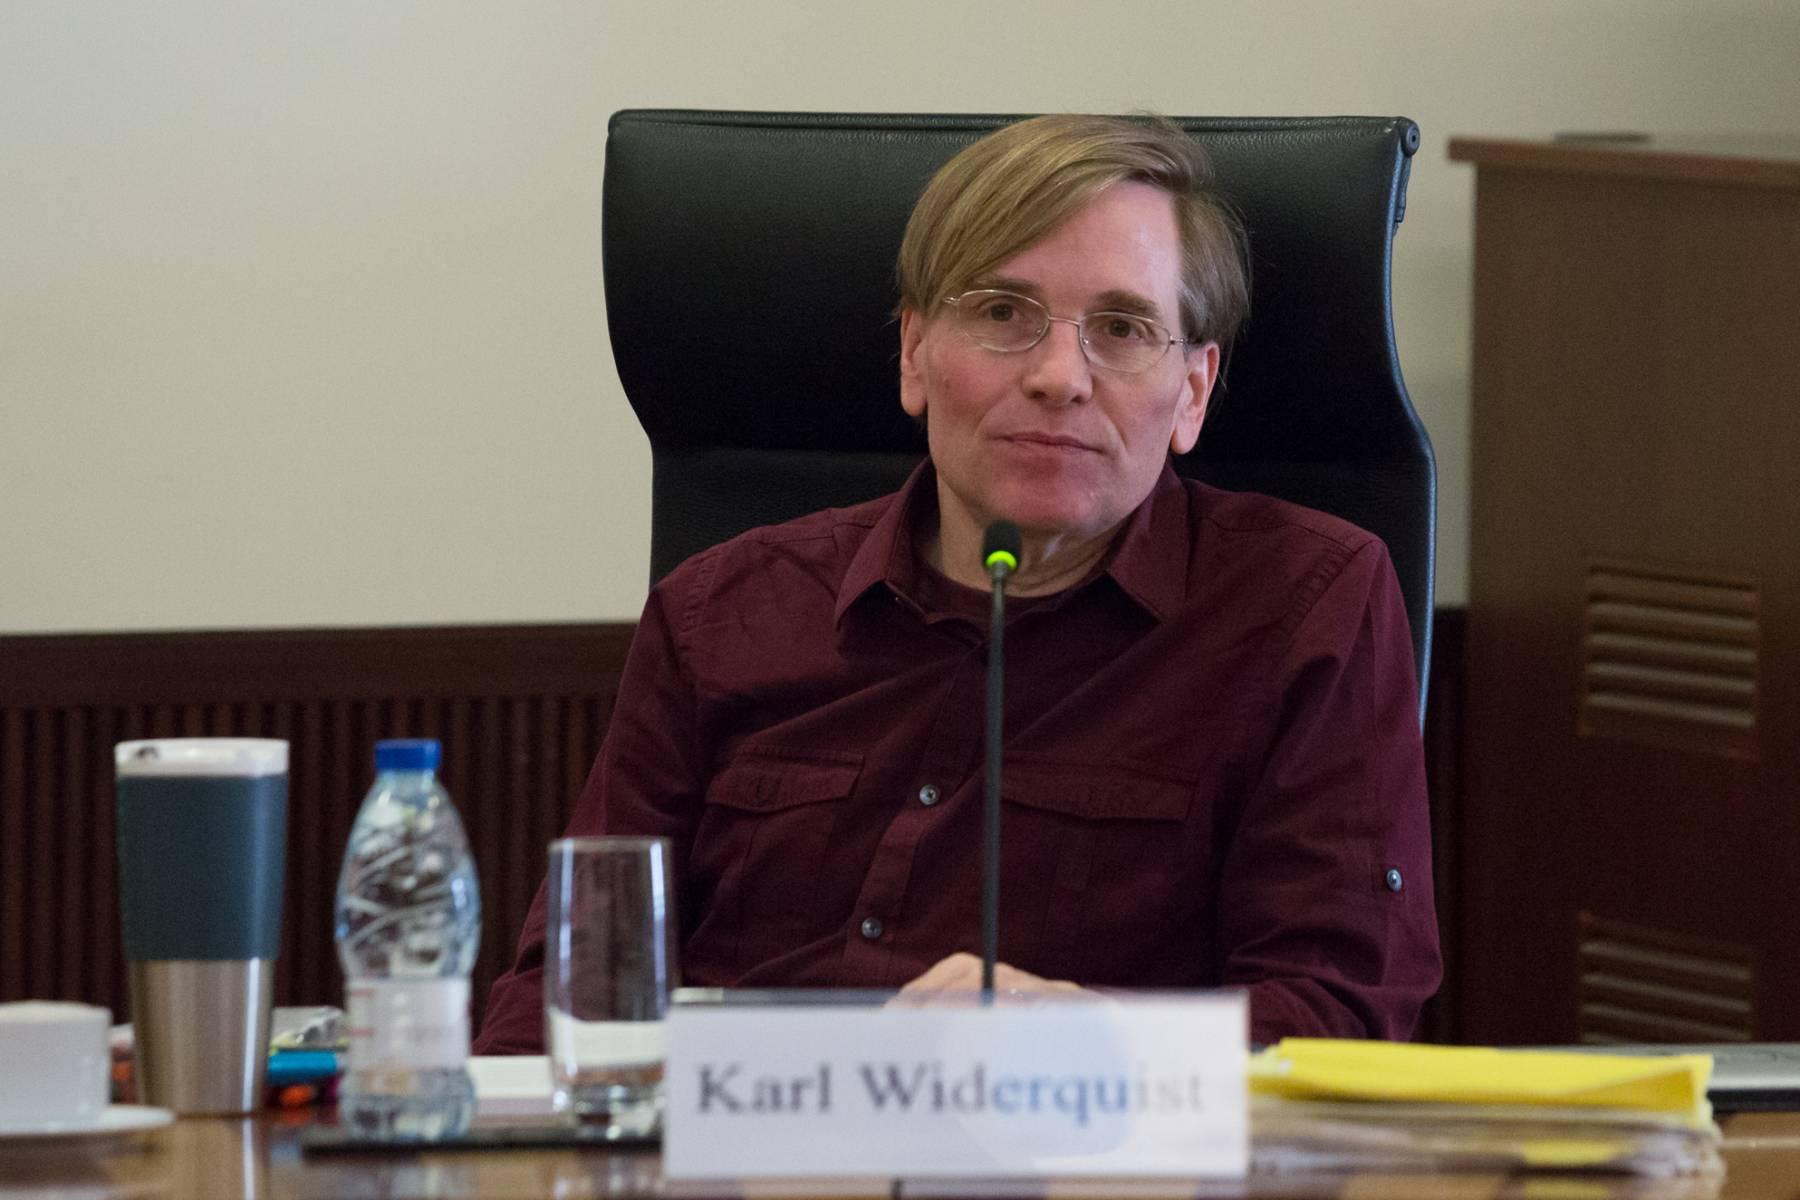 Karl Widerquist CIRS Book Workshop